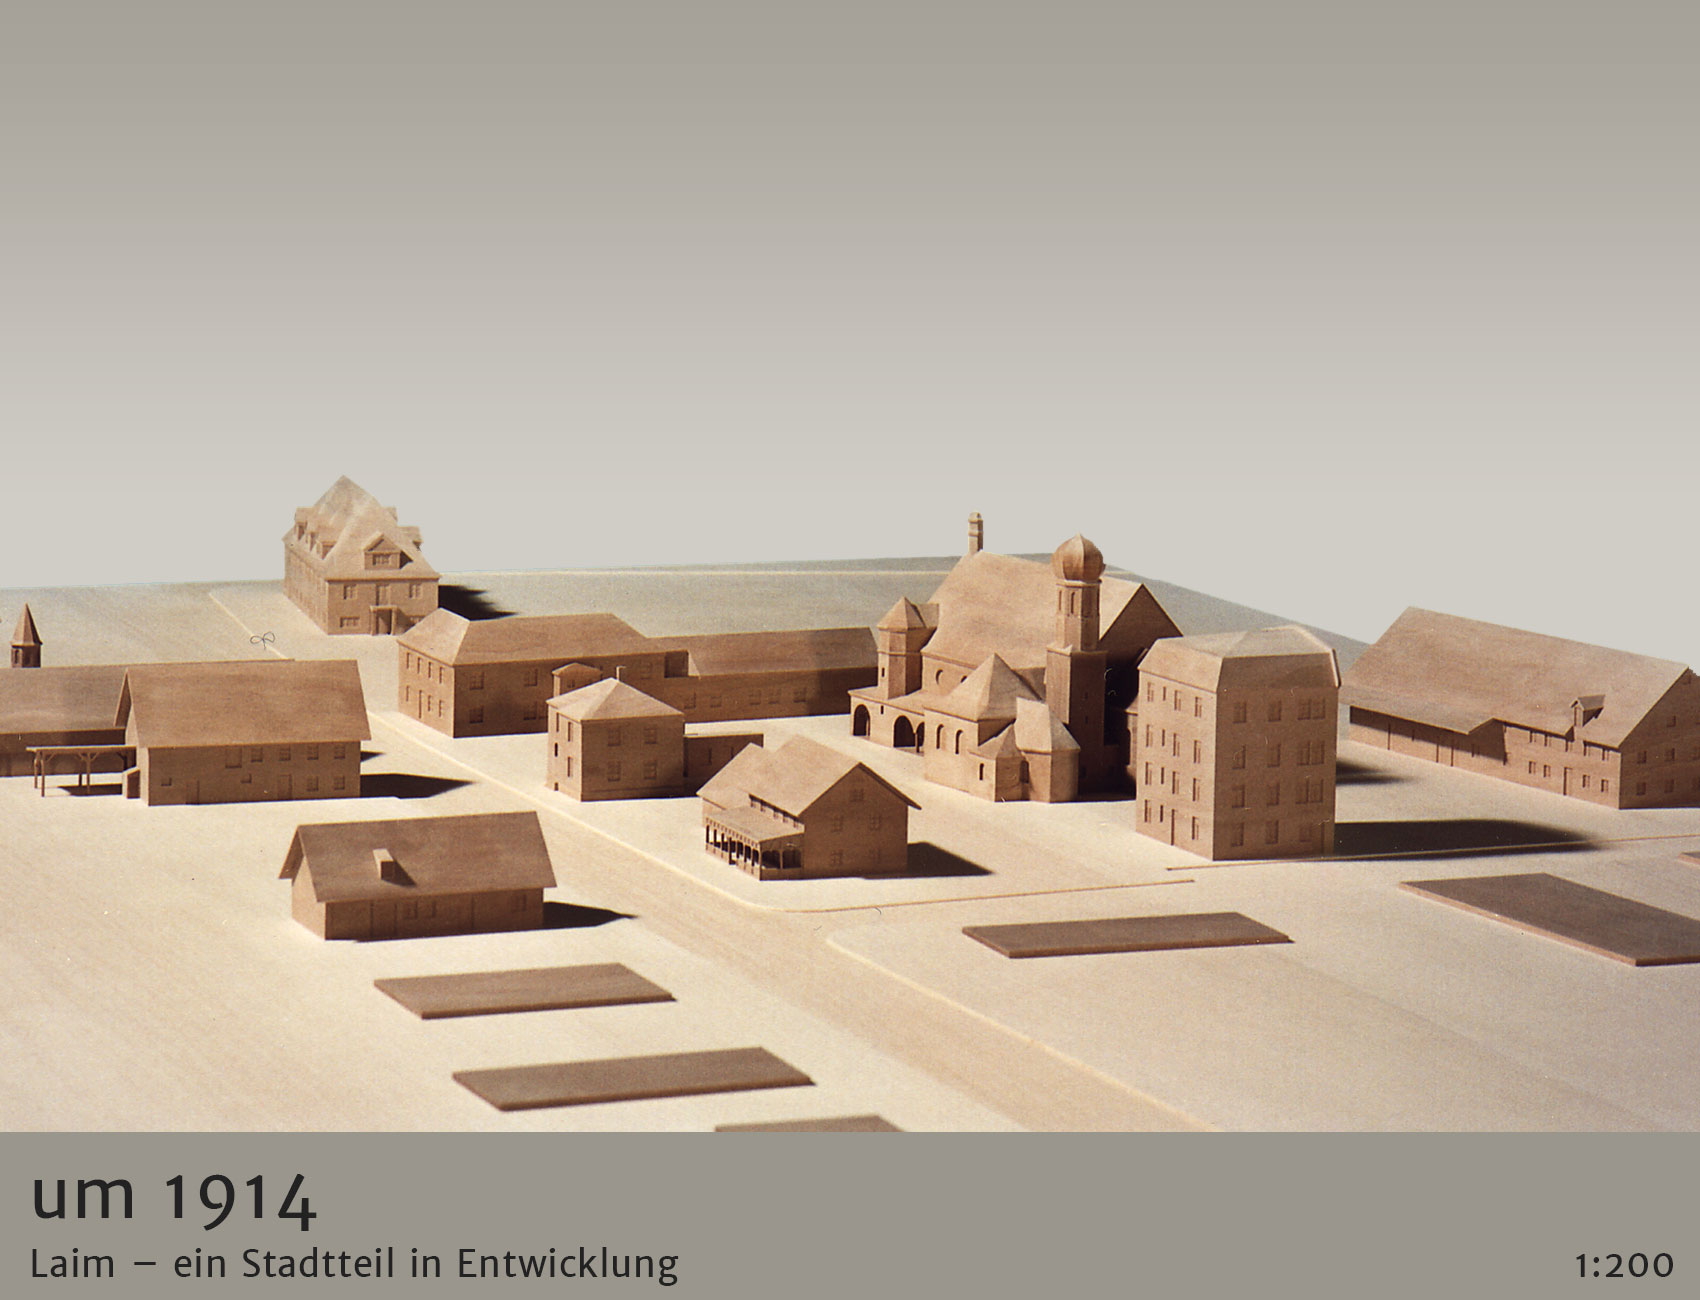 Architekturmodell Stadtentwicklung Laim 1914